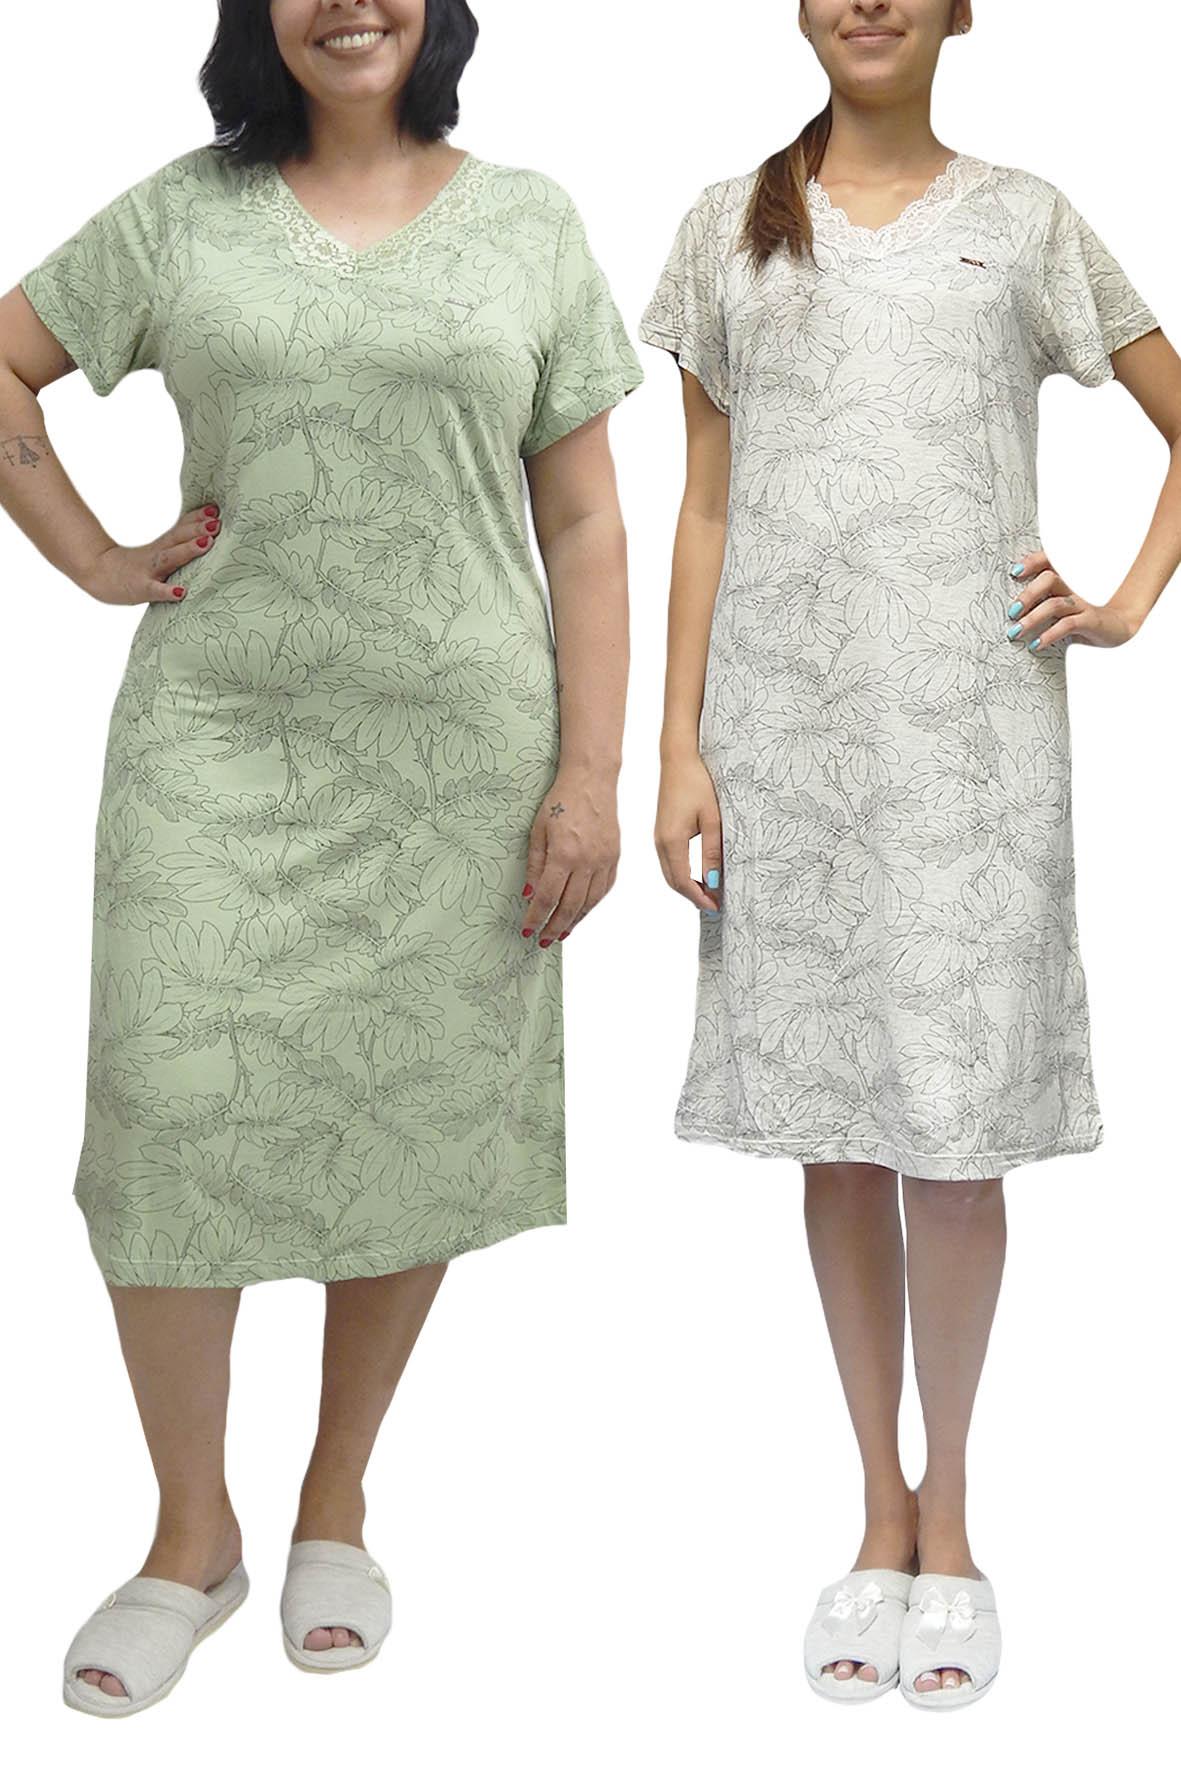 Camisola Manga Curta Fechada com Estampa de Folhas Gola Rendada Decote V - TAM 42 ao 54 - Foxx